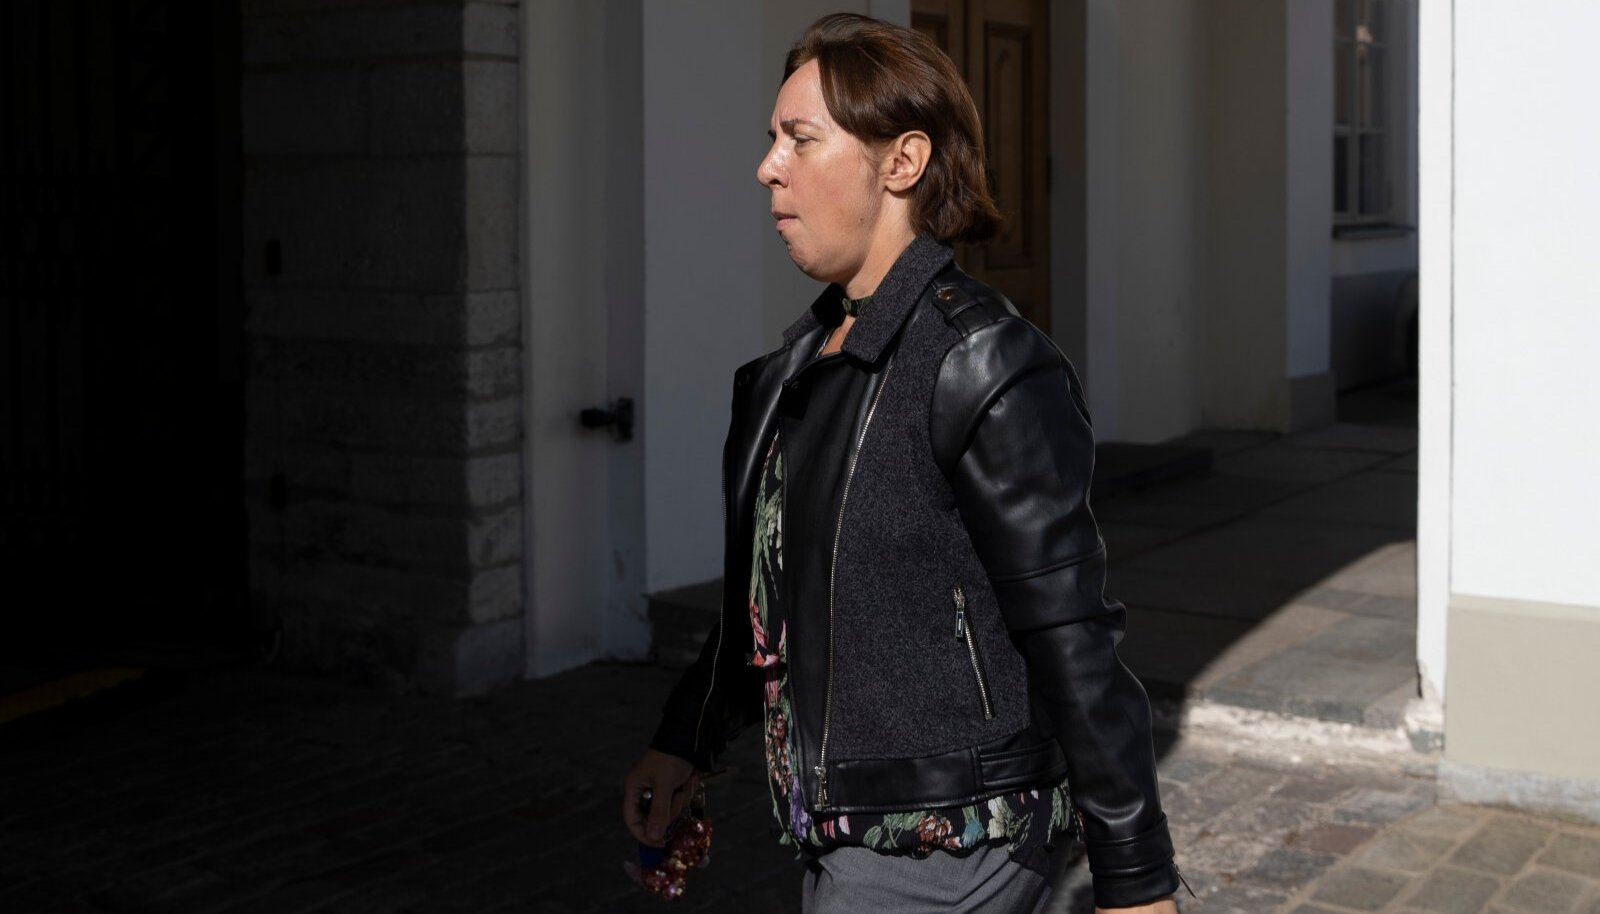 TEETORMAJA: ajakirjanikud püüdsid presidendivalimisteks riigikokku ilmunud Mailis Repsilt kriminaalasja kohta kommentaari saada, kuid endise haridusministri liikumiskiirus oli vähemalt sama suur kui tavalisel eestlasel kaubanduskeskuses LHV või Elisa müügimehi nähes.